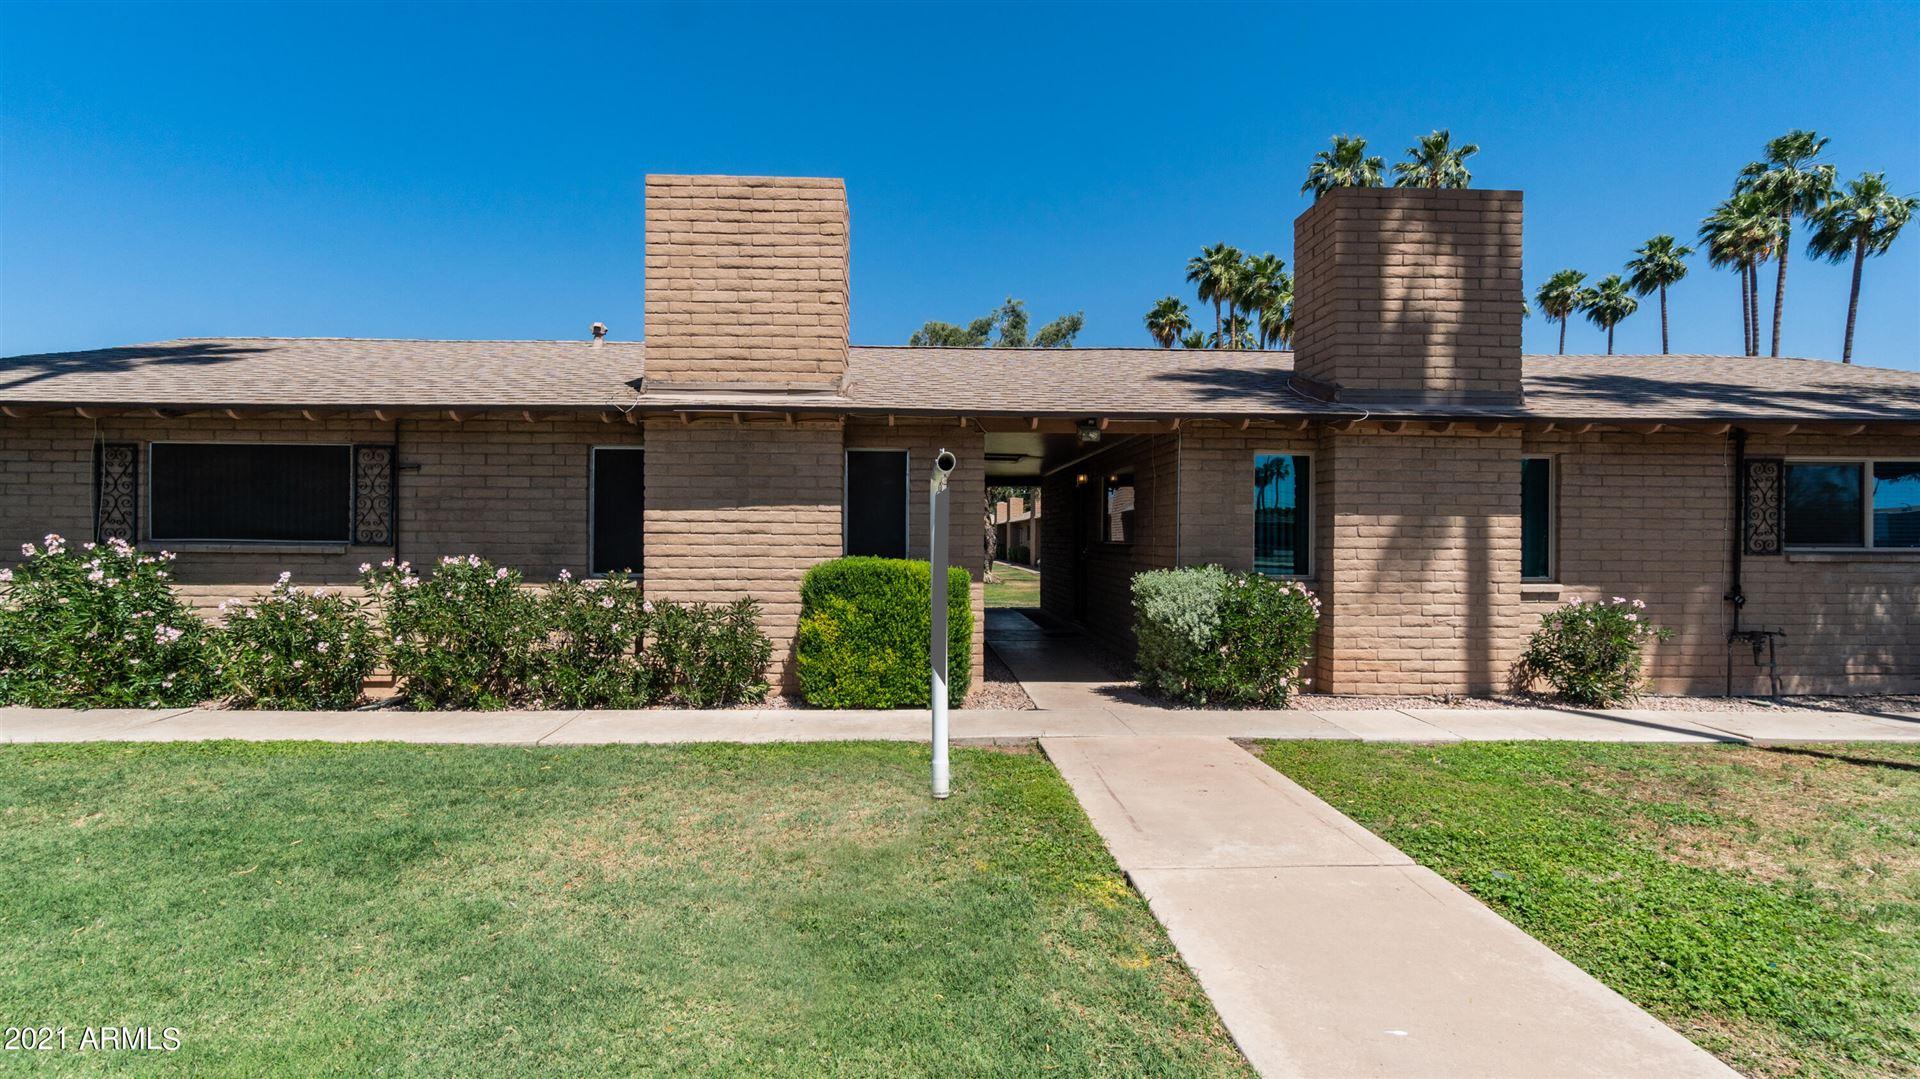 3031 S RURAL Road #13, Tempe, AZ 85282 - MLS#: 6232512